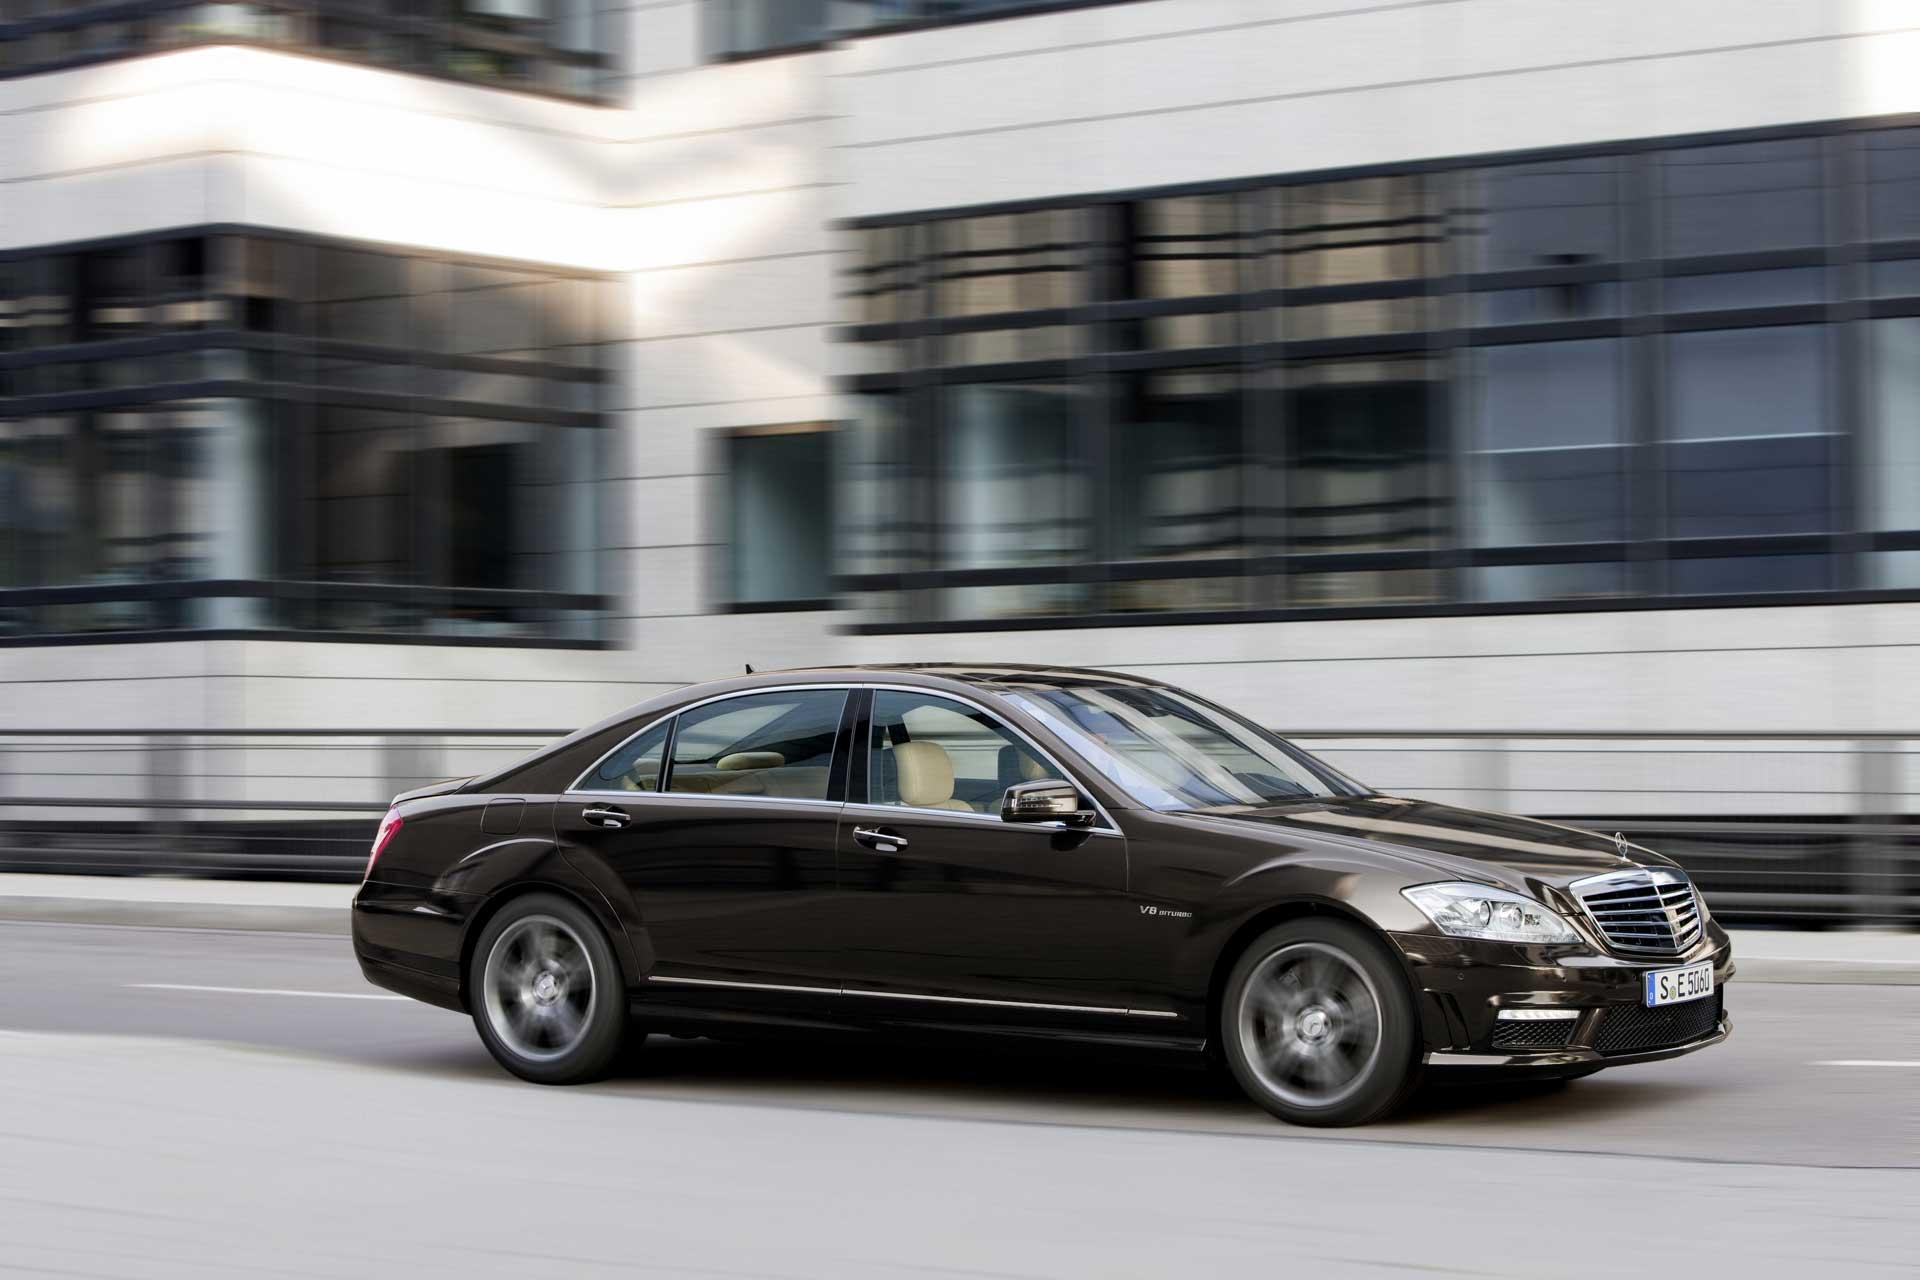 Nya motorer till Mercedes AMG [Arkiv] Bilsnack auto motor & sport